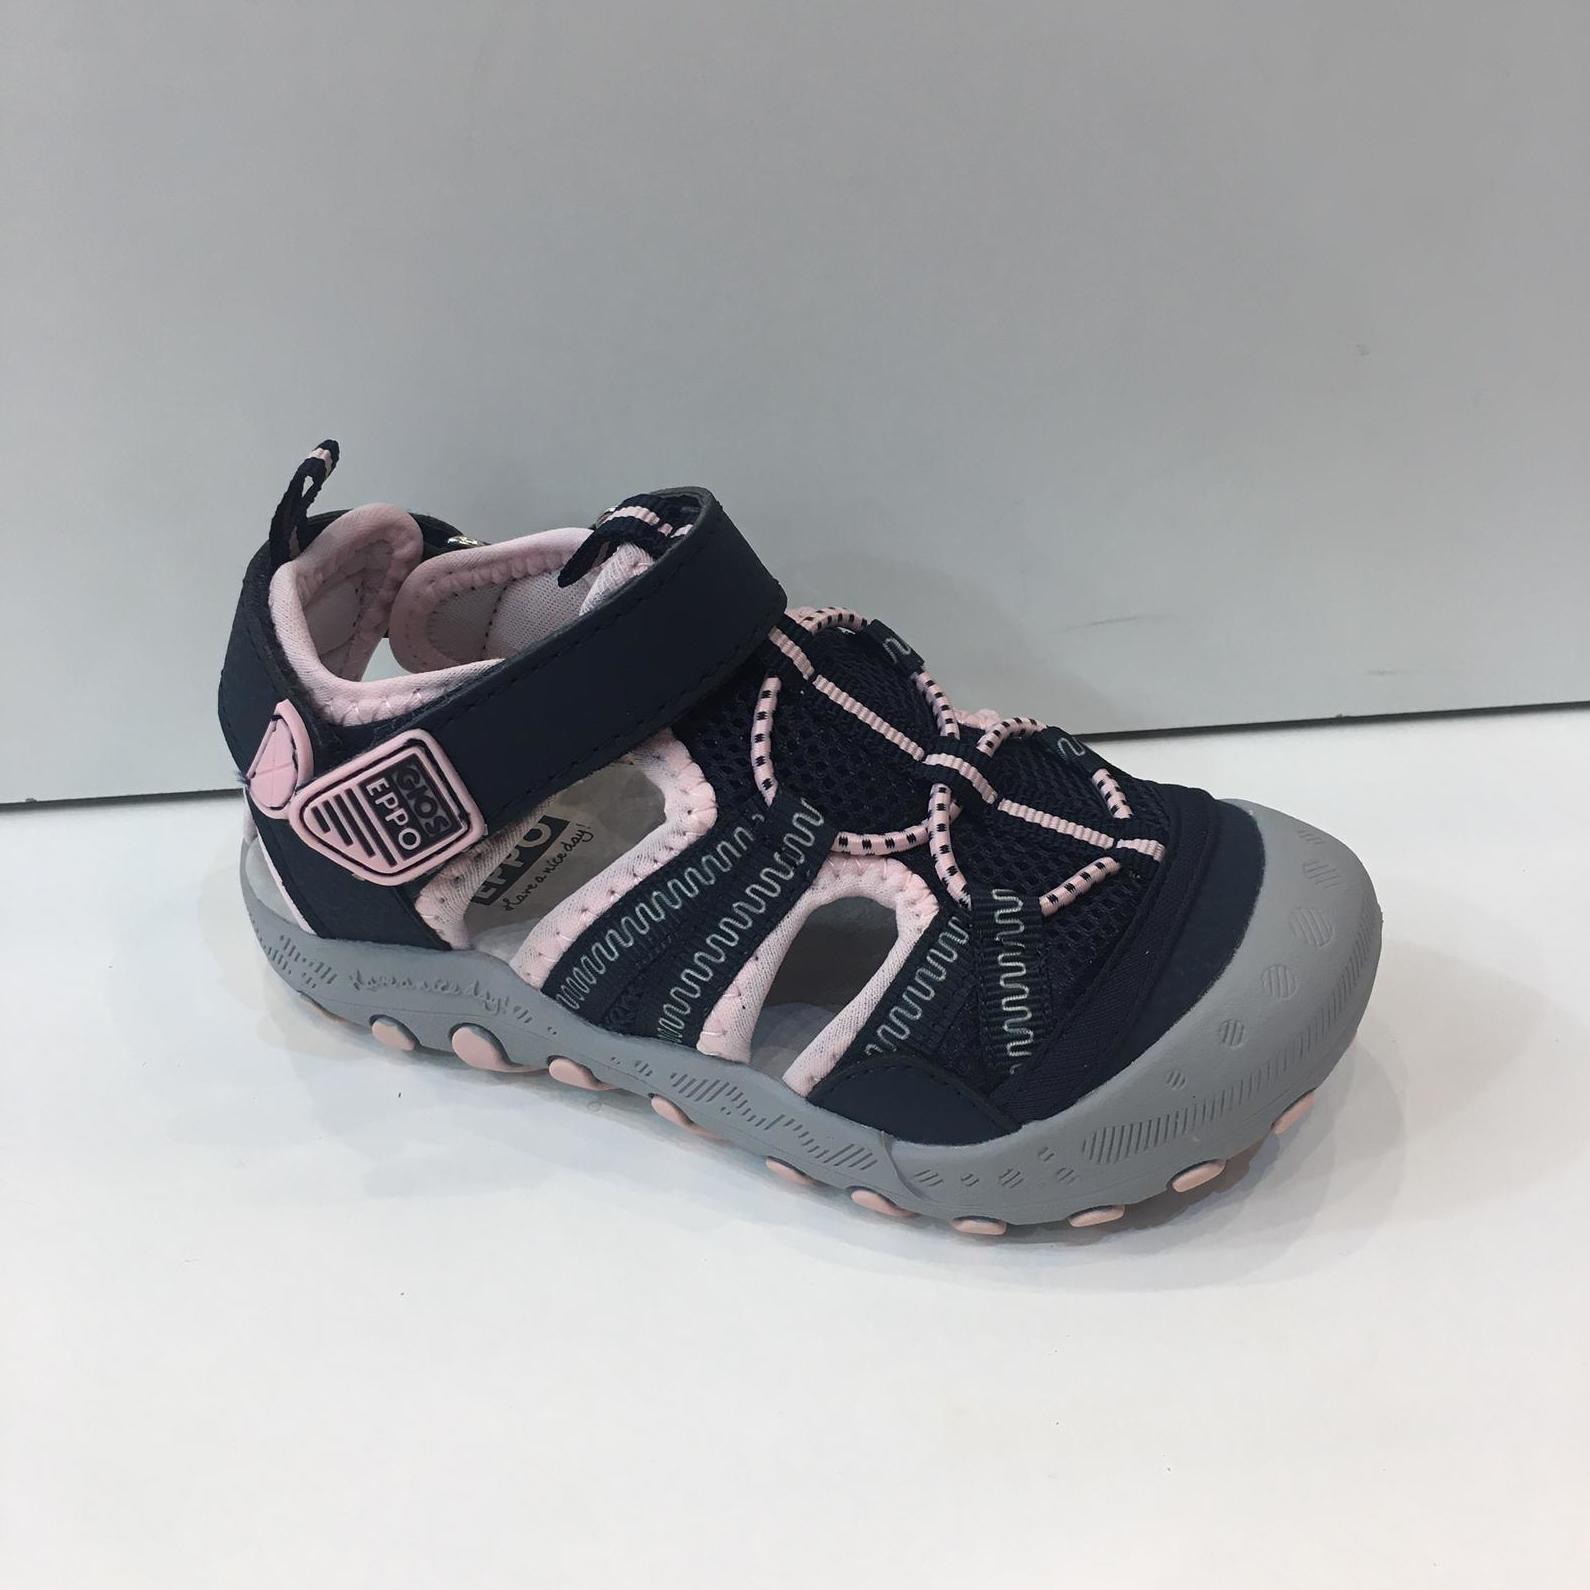 Sandàlia de nena, de la marca Gioseppo, ideals per a caminar i mullar 29.95€